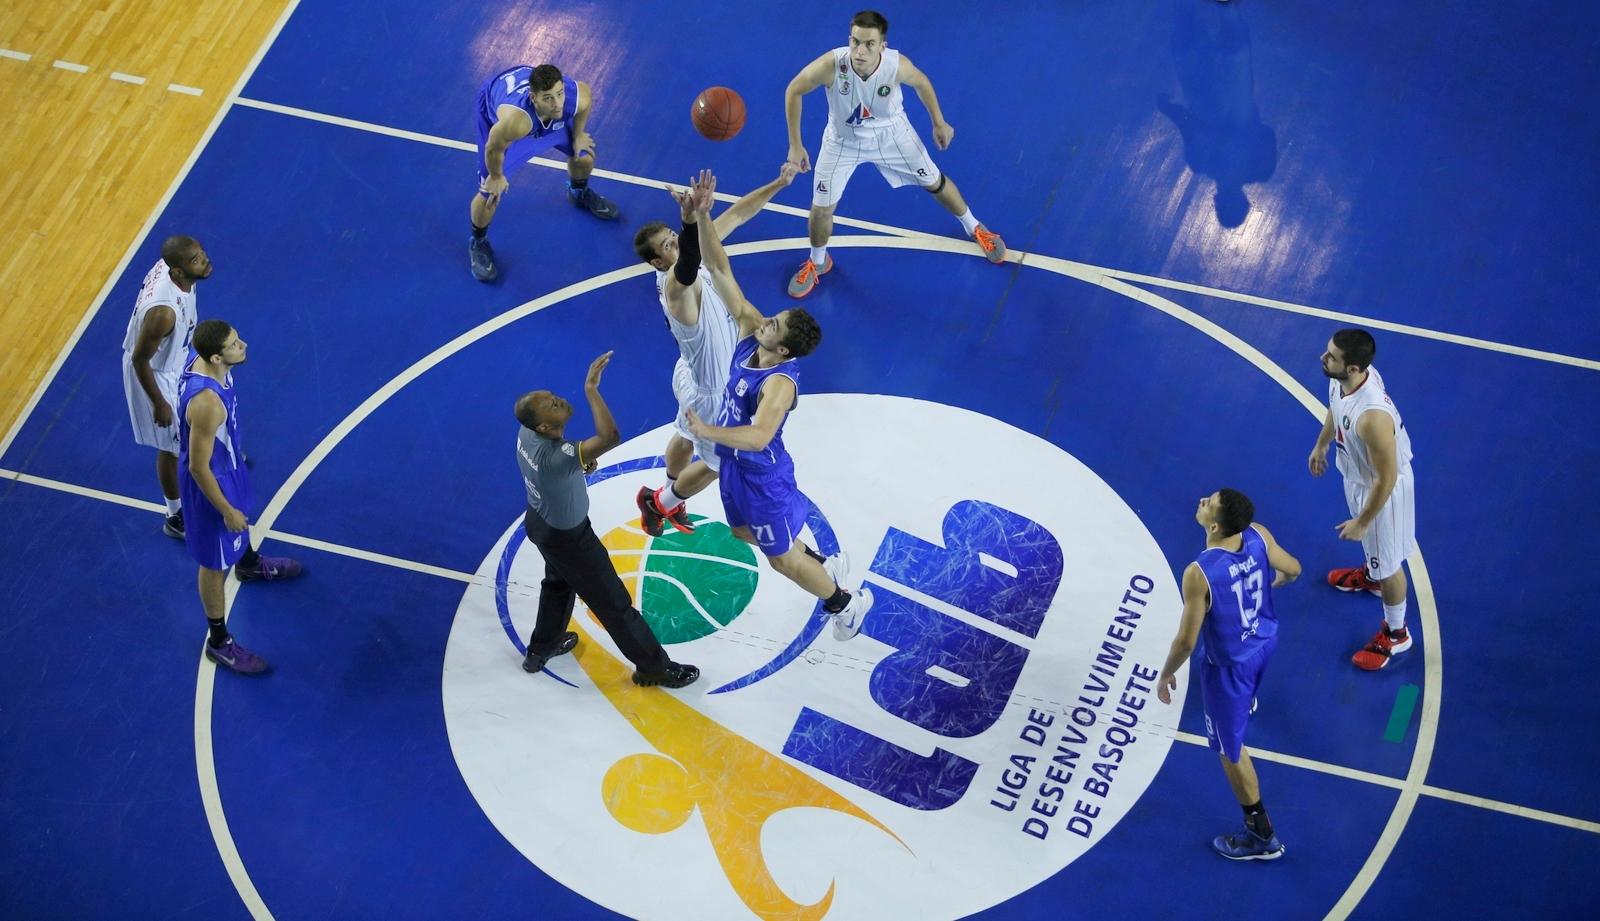 Indo para sua sexta edição, LDB já revelou diversos jogadores para o basquete nacional (Orlando Bento/LNB)